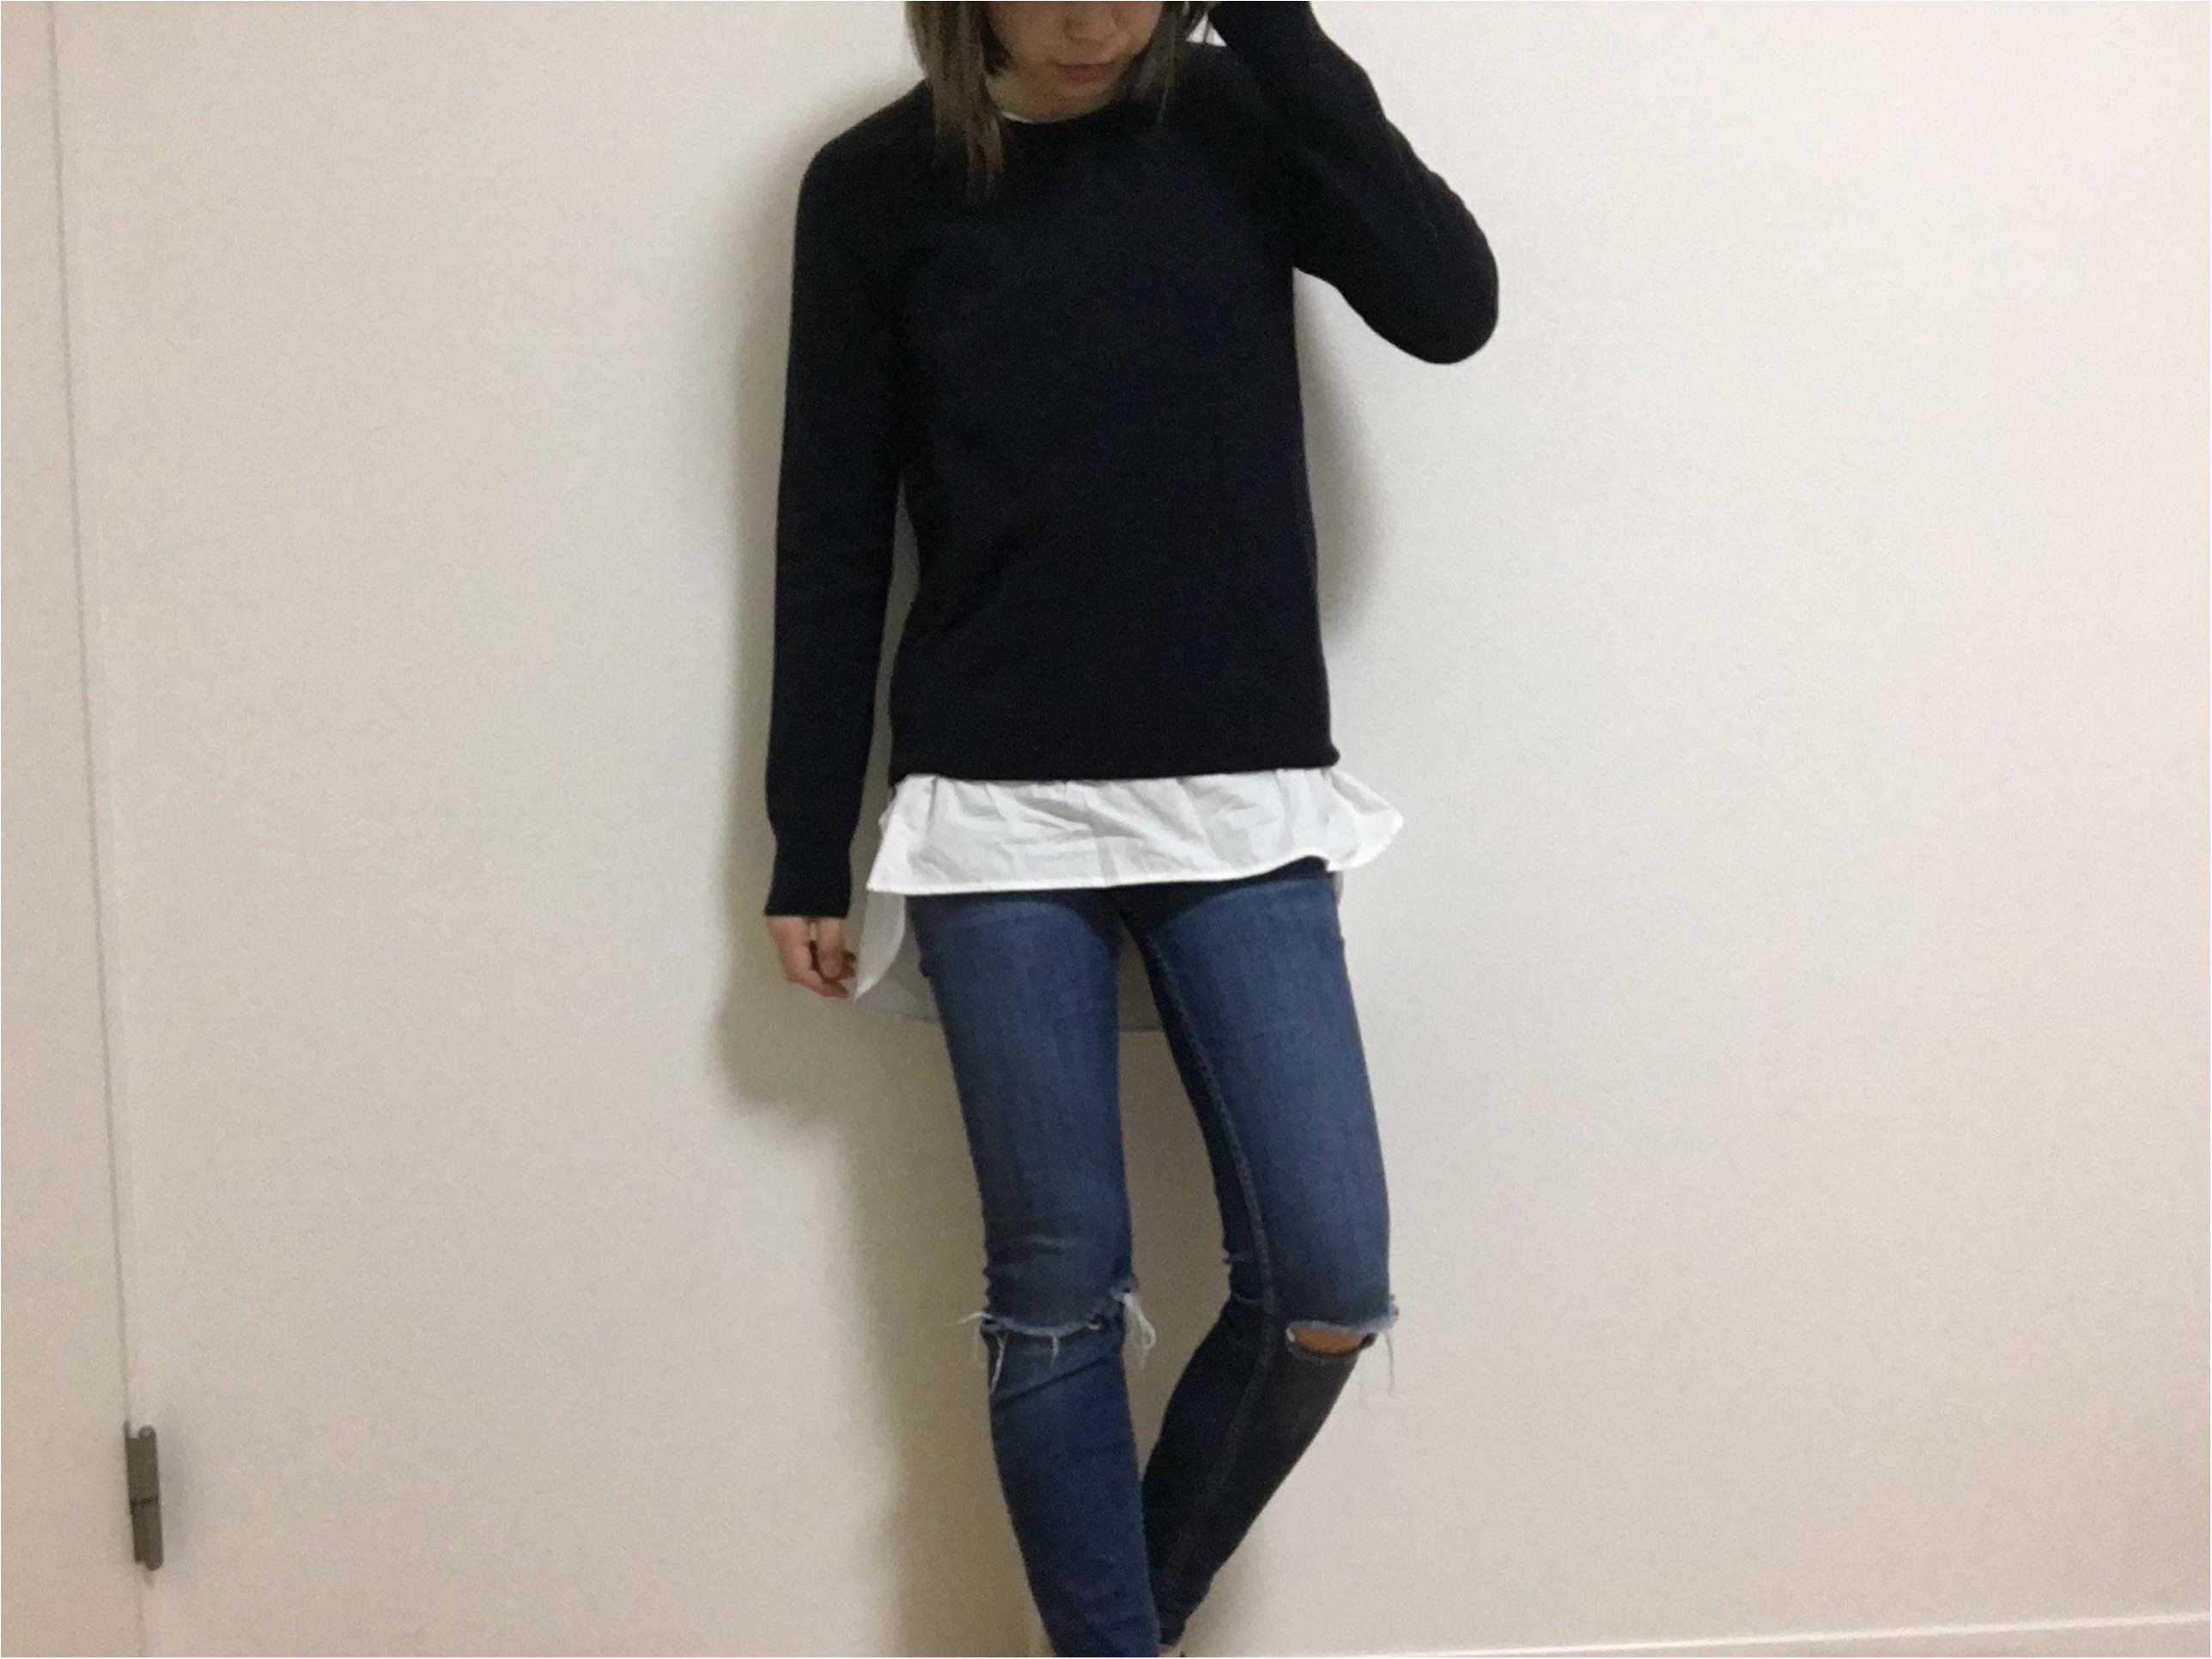 《ユニクロ感謝祭》カシミヤセーター買うなら2000円オフの今この時期がお買い時!!_2